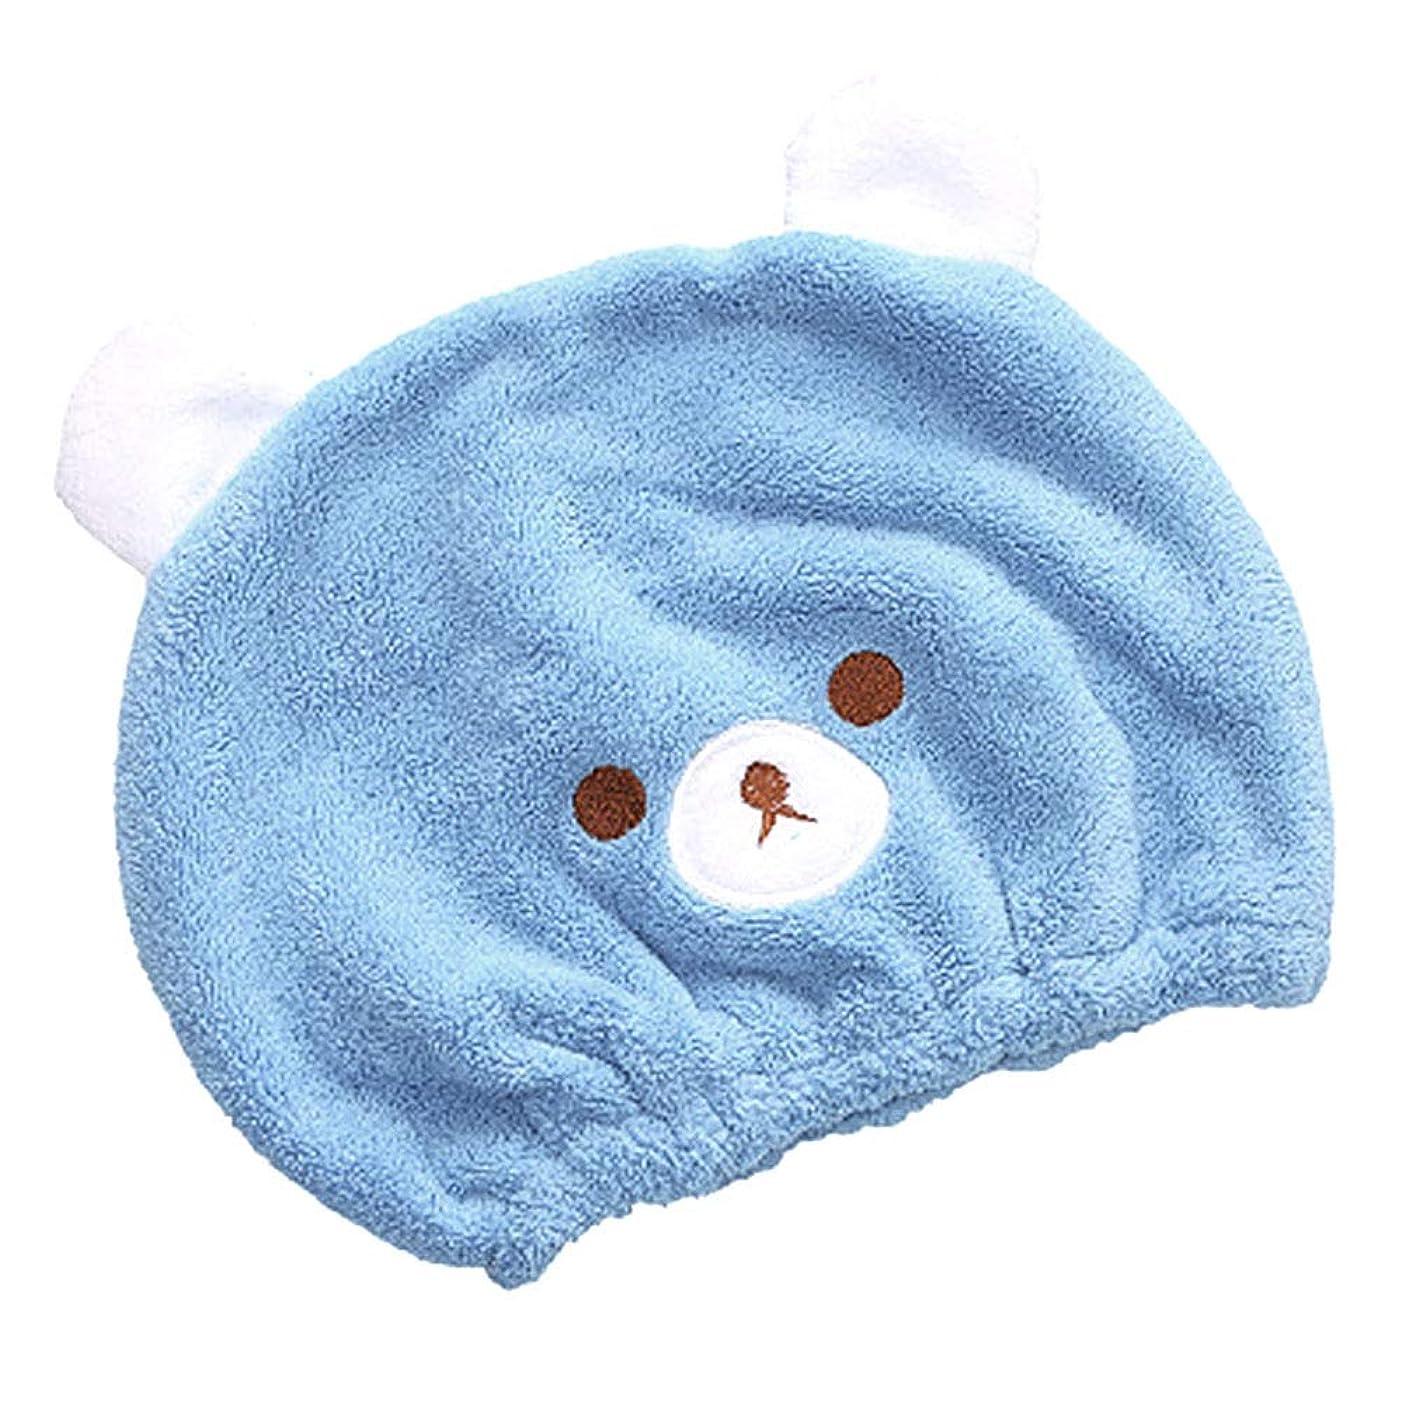 ゼリー規制周辺QIAONAI 子供 タオルキャップ ヘアドライキャップ ヘアドライタオル 吸水タオル 可愛い 熊さん 吸水速乾 キッズ バスキャップ お風呂用 (ブルー)